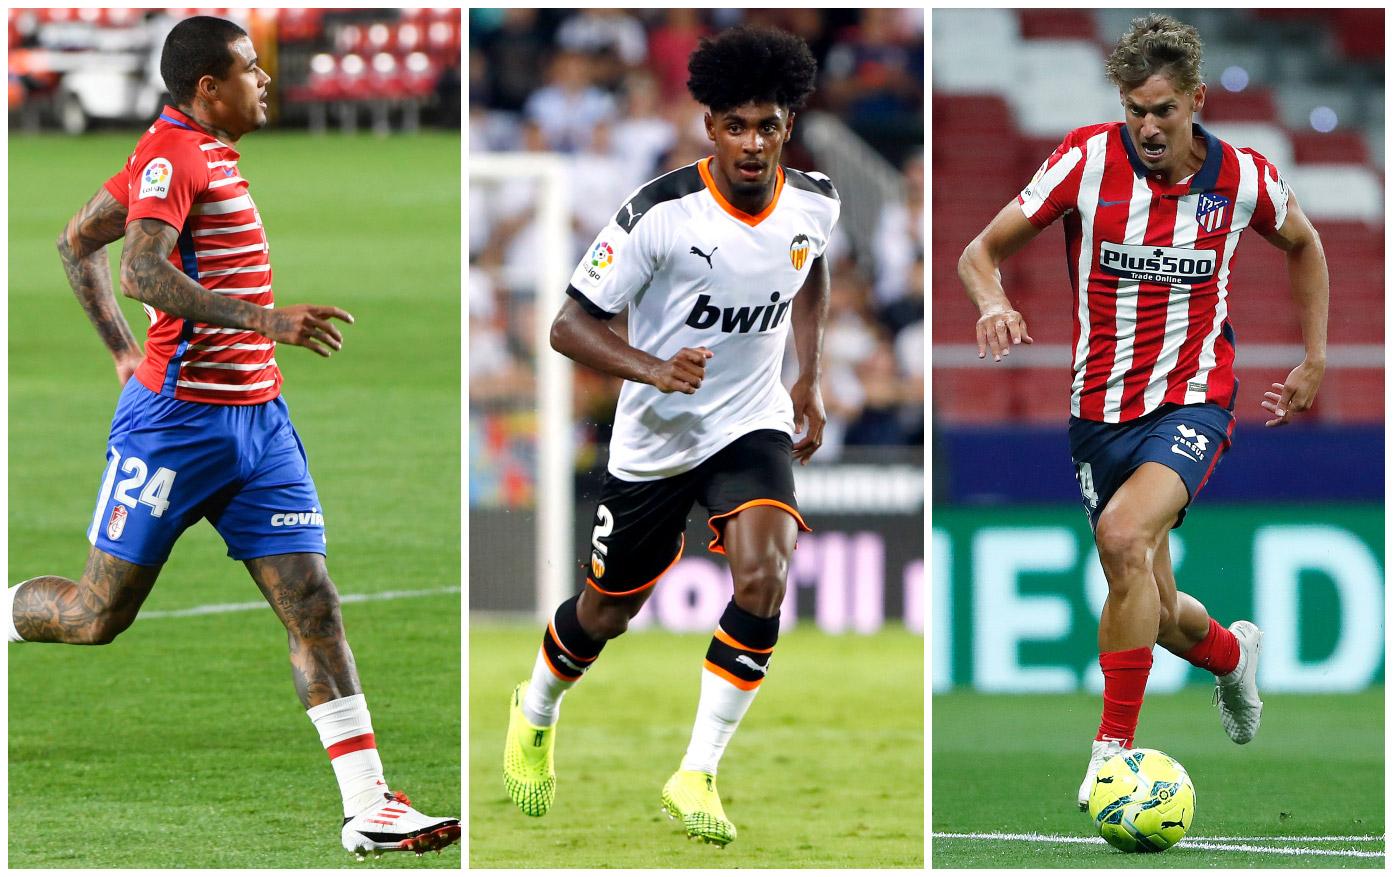 ¿Quién es el jugador más rápido de LaLiga Santander esta temporada?